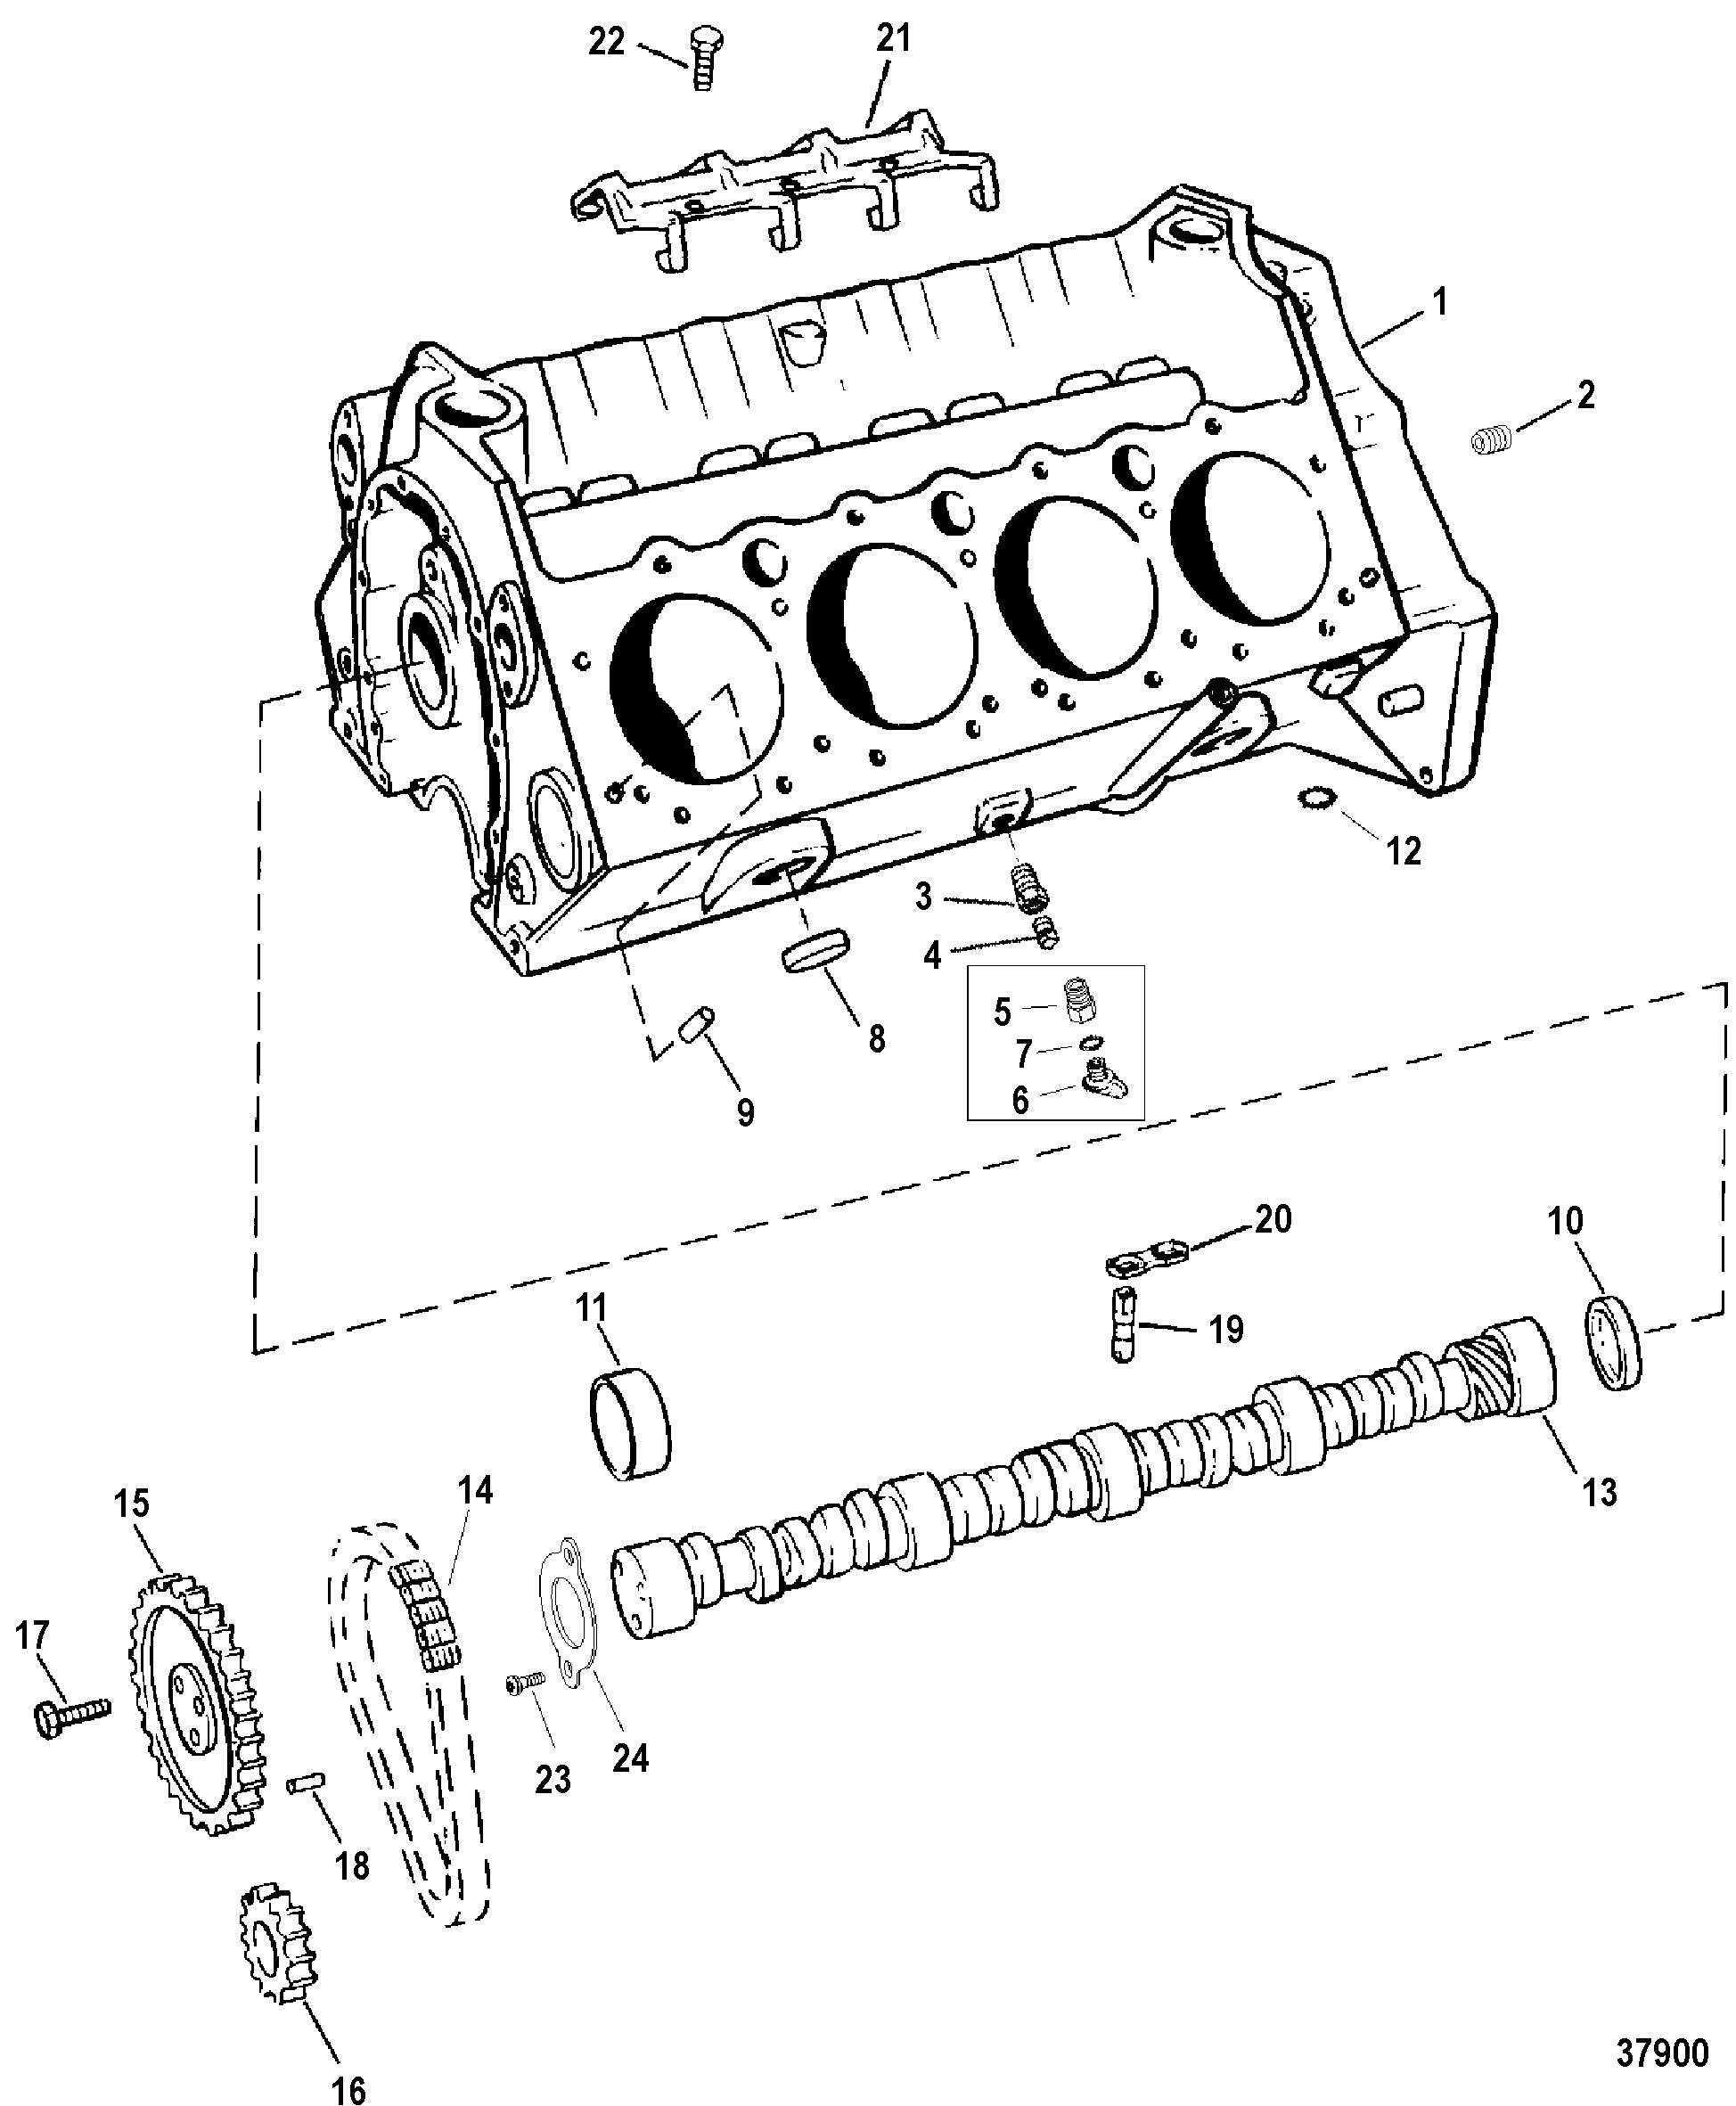 454 mag bravo (gen 5) gm v-8 1996-1997 - serial 0f801700 thru 0k999999 - cylinder  block and camshaft